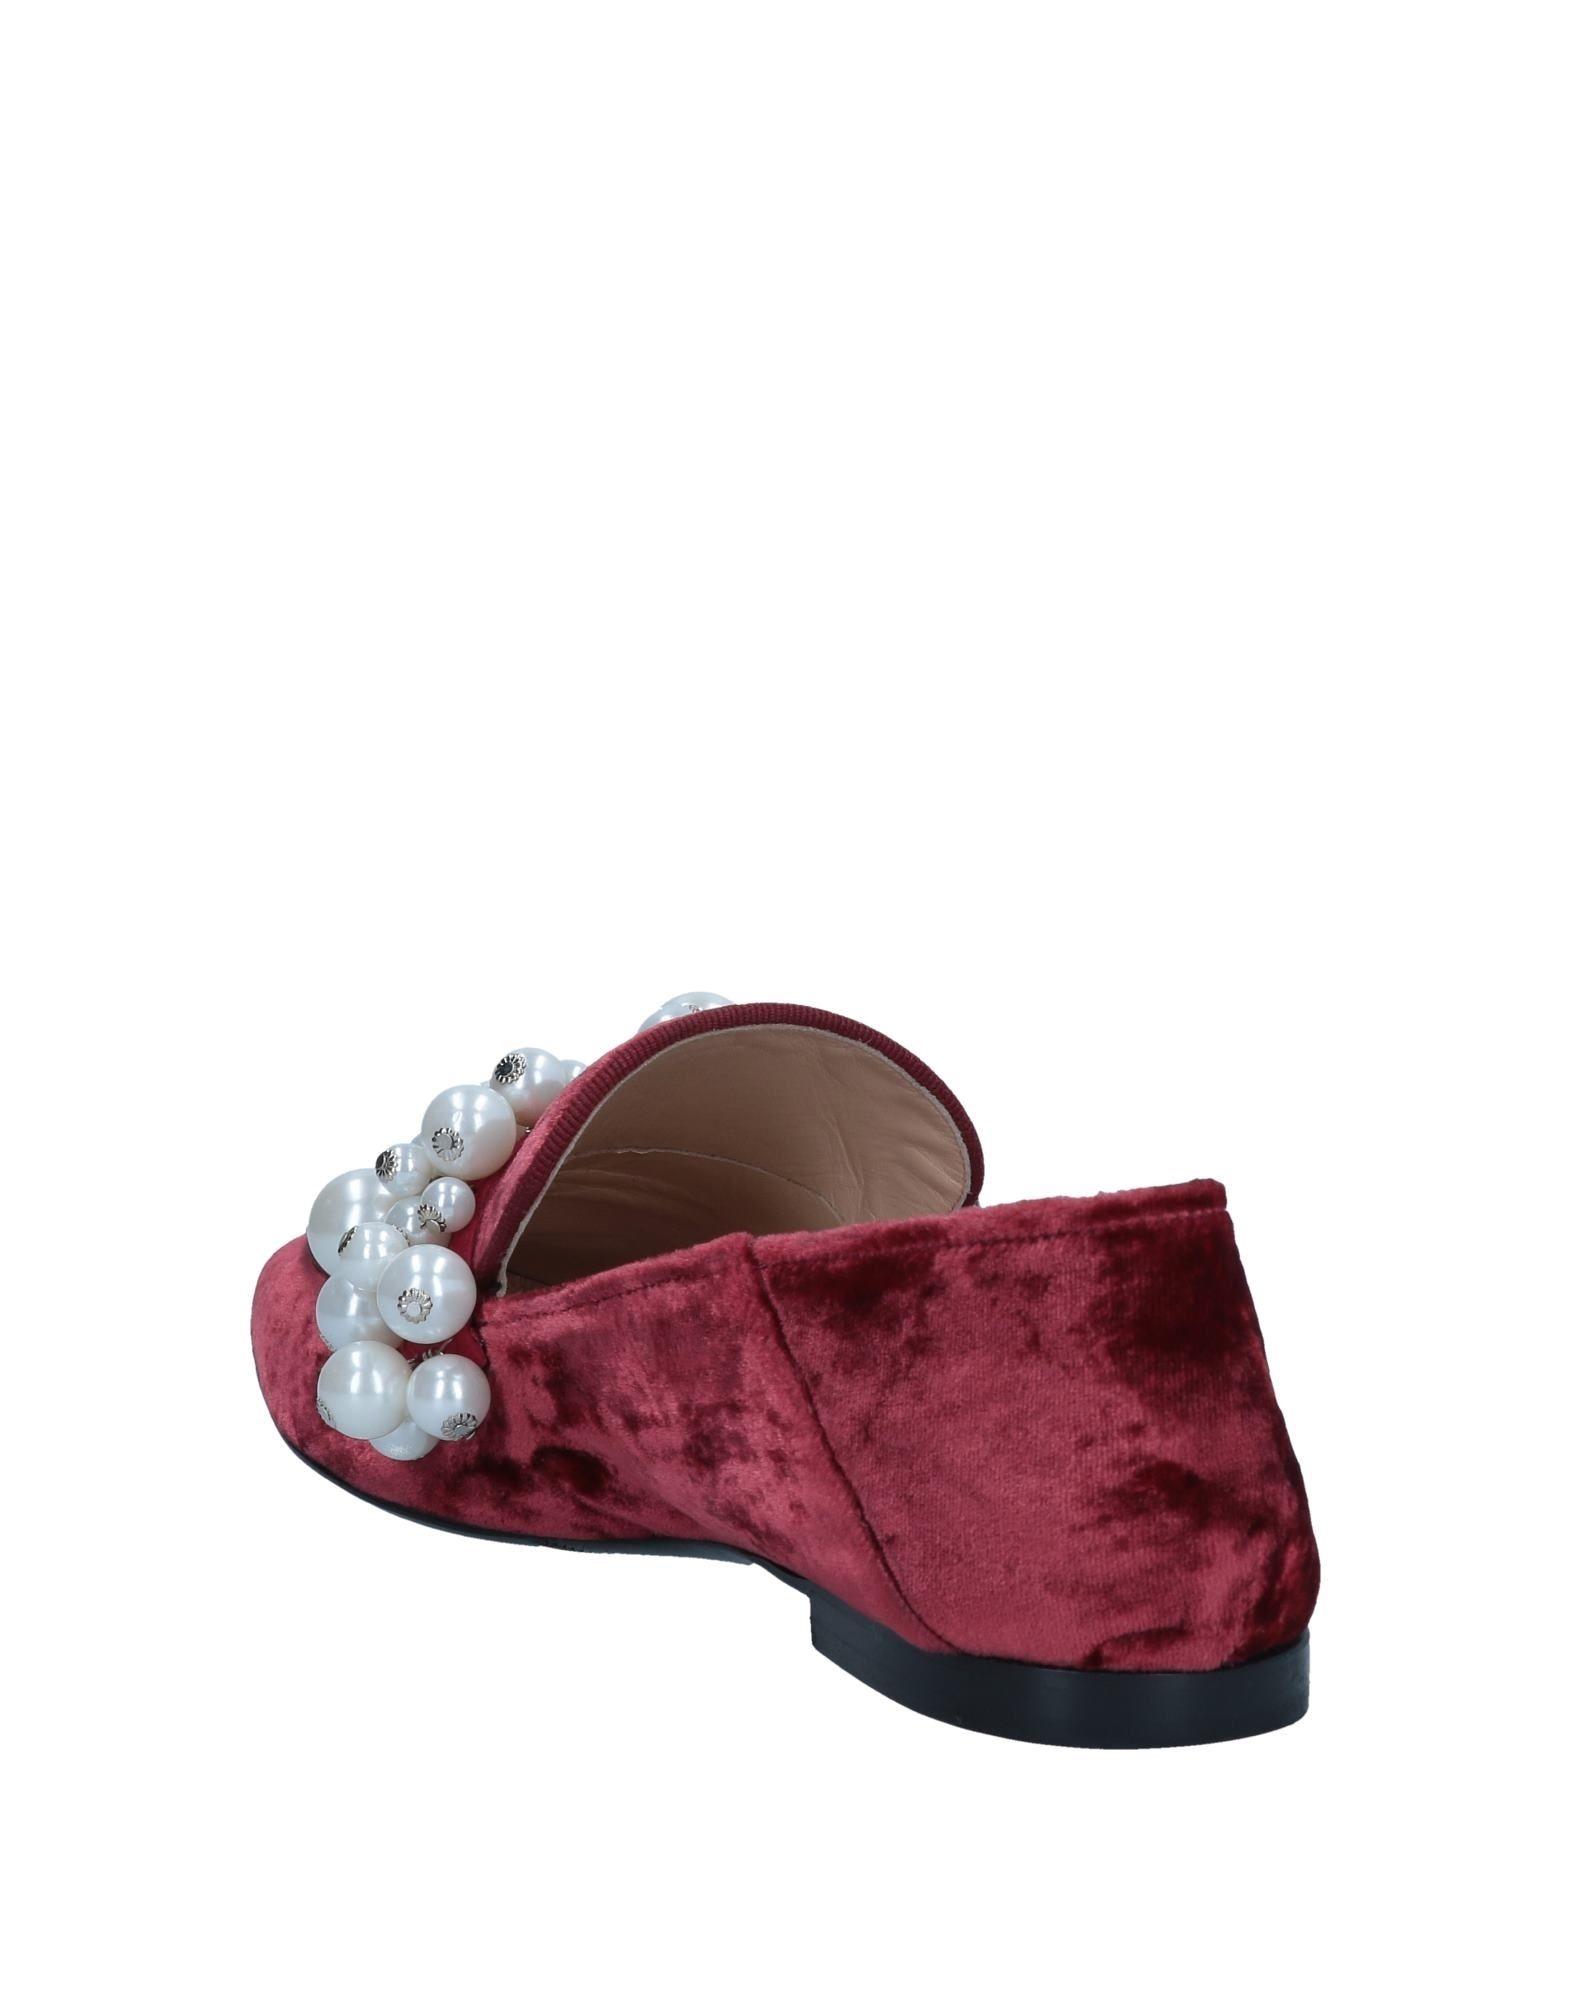 Rabatt Damen Schuhe Louis Leeman Mokassins Damen Rabatt  11542863RM 8c1739